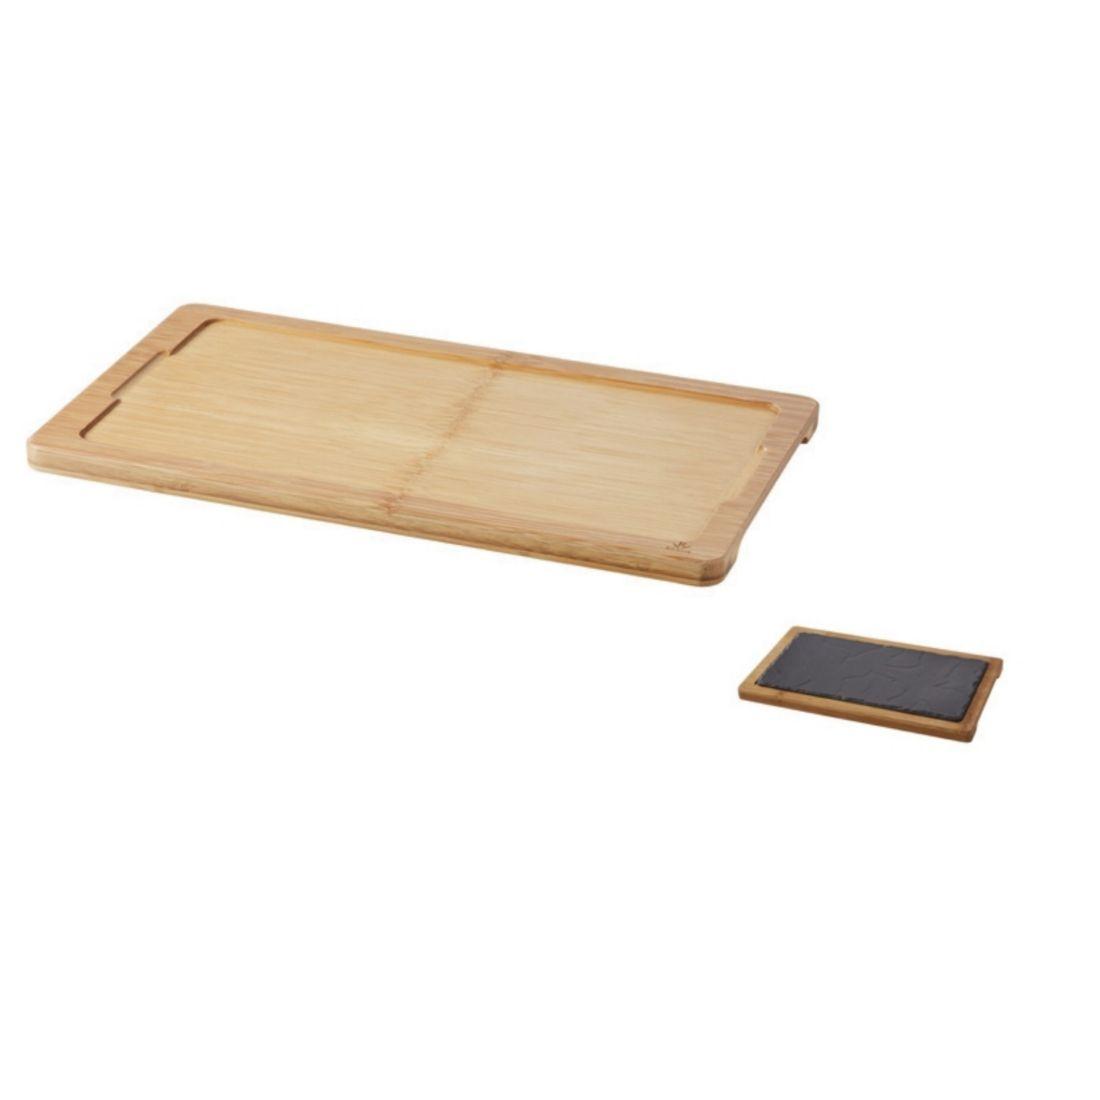 Podnos bambusový pro REV-646120 a REV-640605